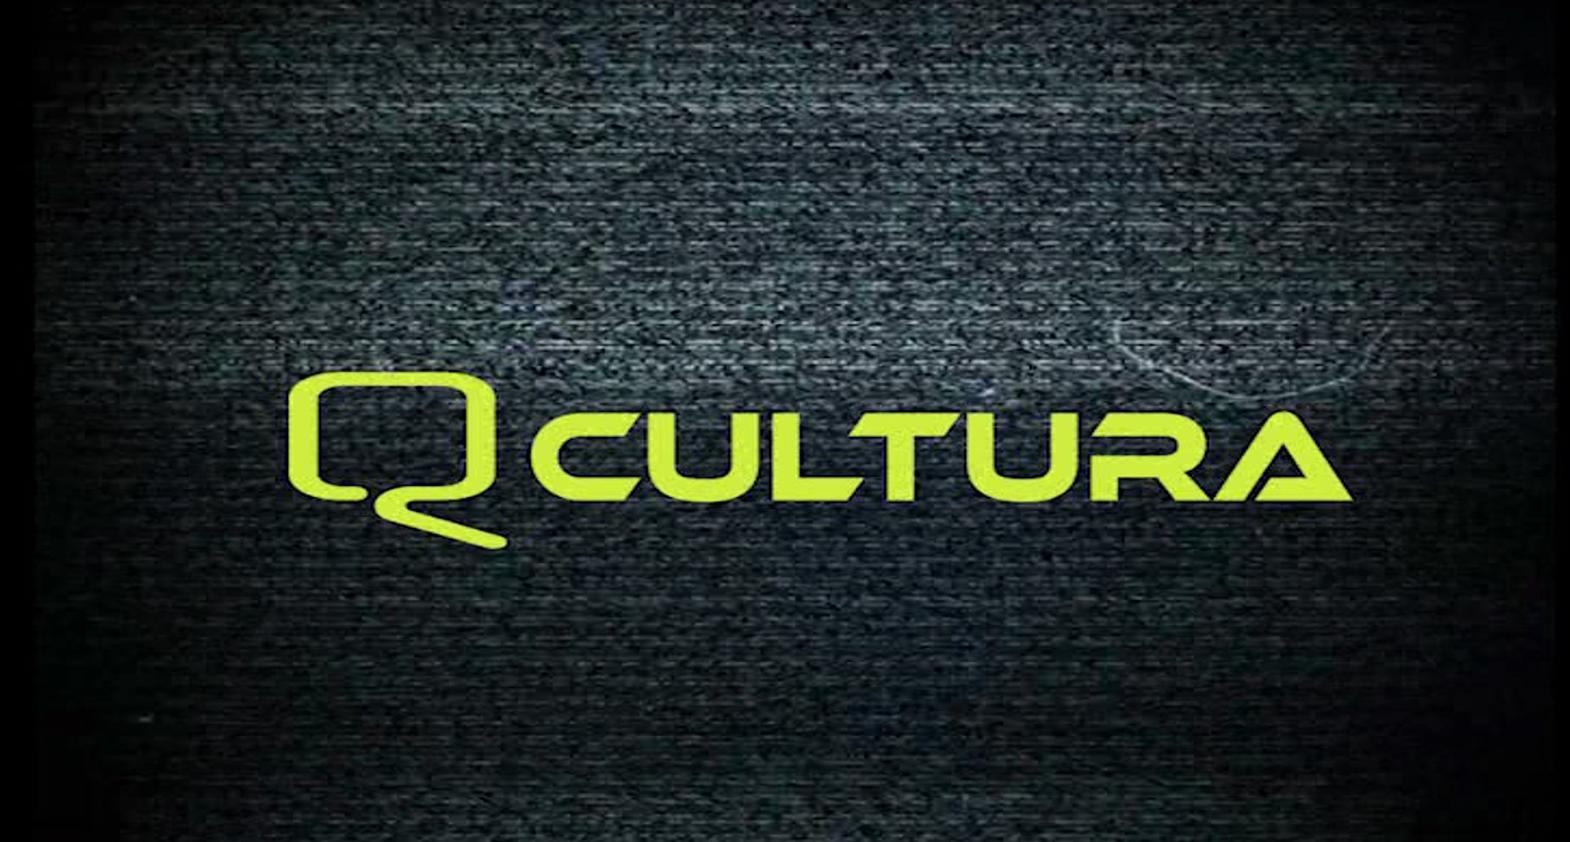 Q CULTURA